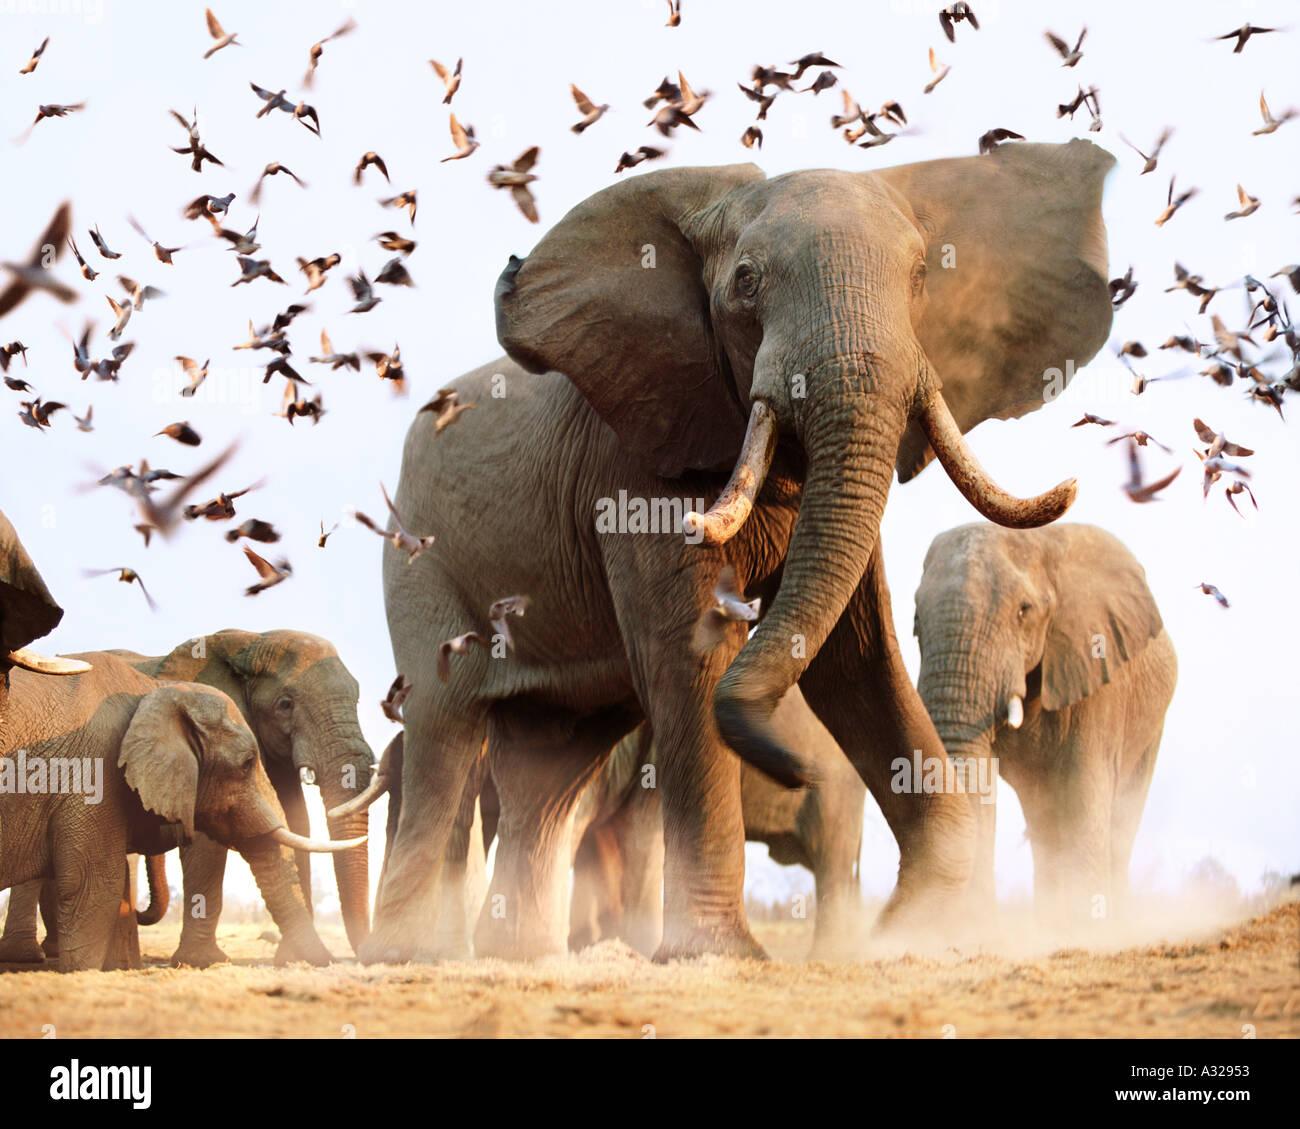 Los elefantes africanos inquietante bandada de pájaros Savuti Botswana Imagen De Stock